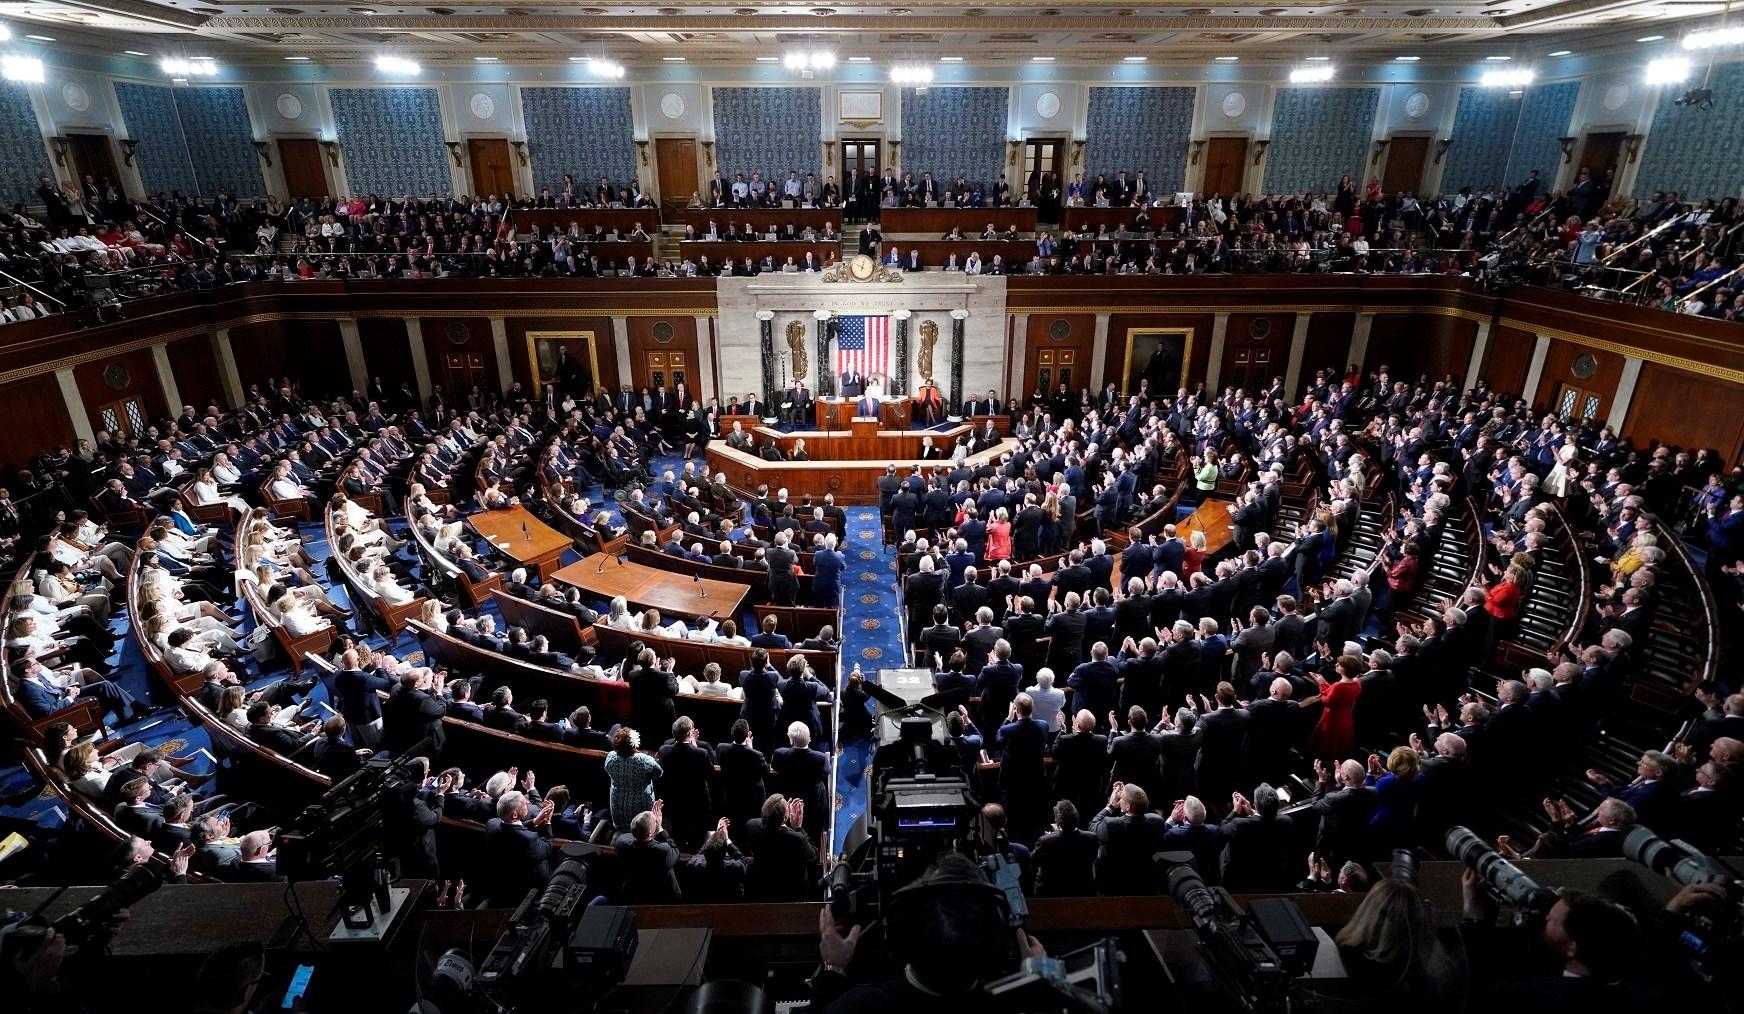 مجلس الشيوخ الأميركي يوافق على قرار لتقييد قدرة ترامب على شن حرب ضد إيران